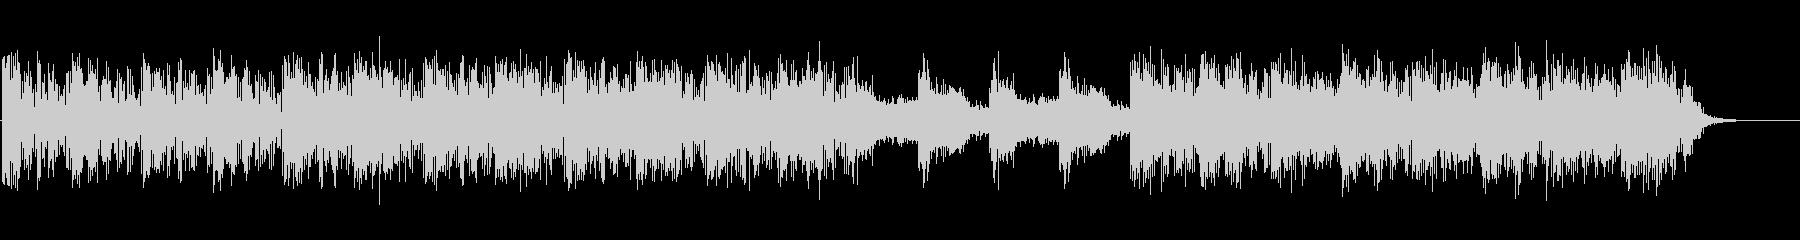 映像向けニューエイジ系のBGM(WAV)の未再生の波形